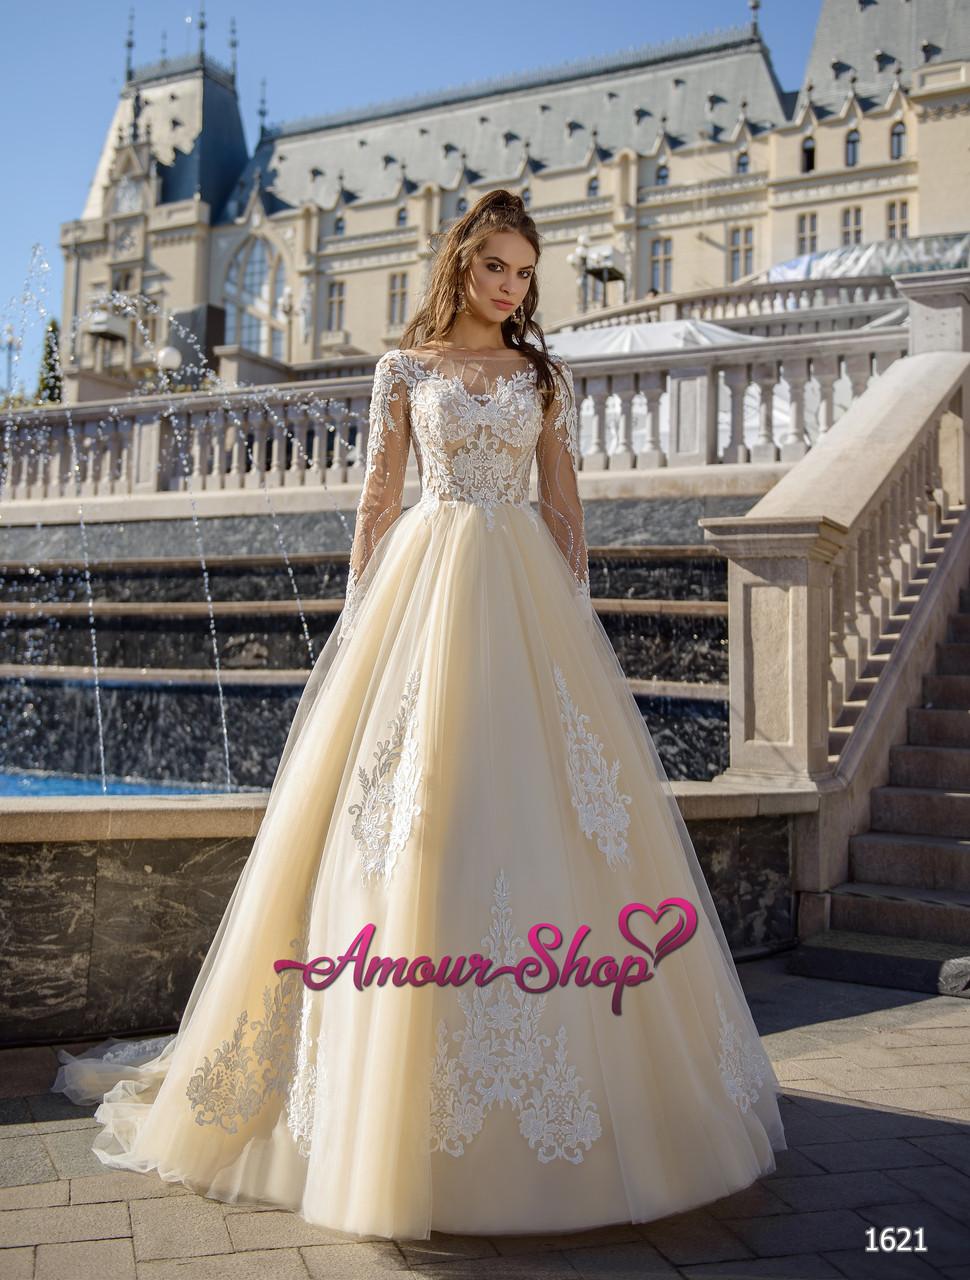 559d8c346 Кружевное свадебное платье с рукавами и полупрозрачным корсетом - Магазин